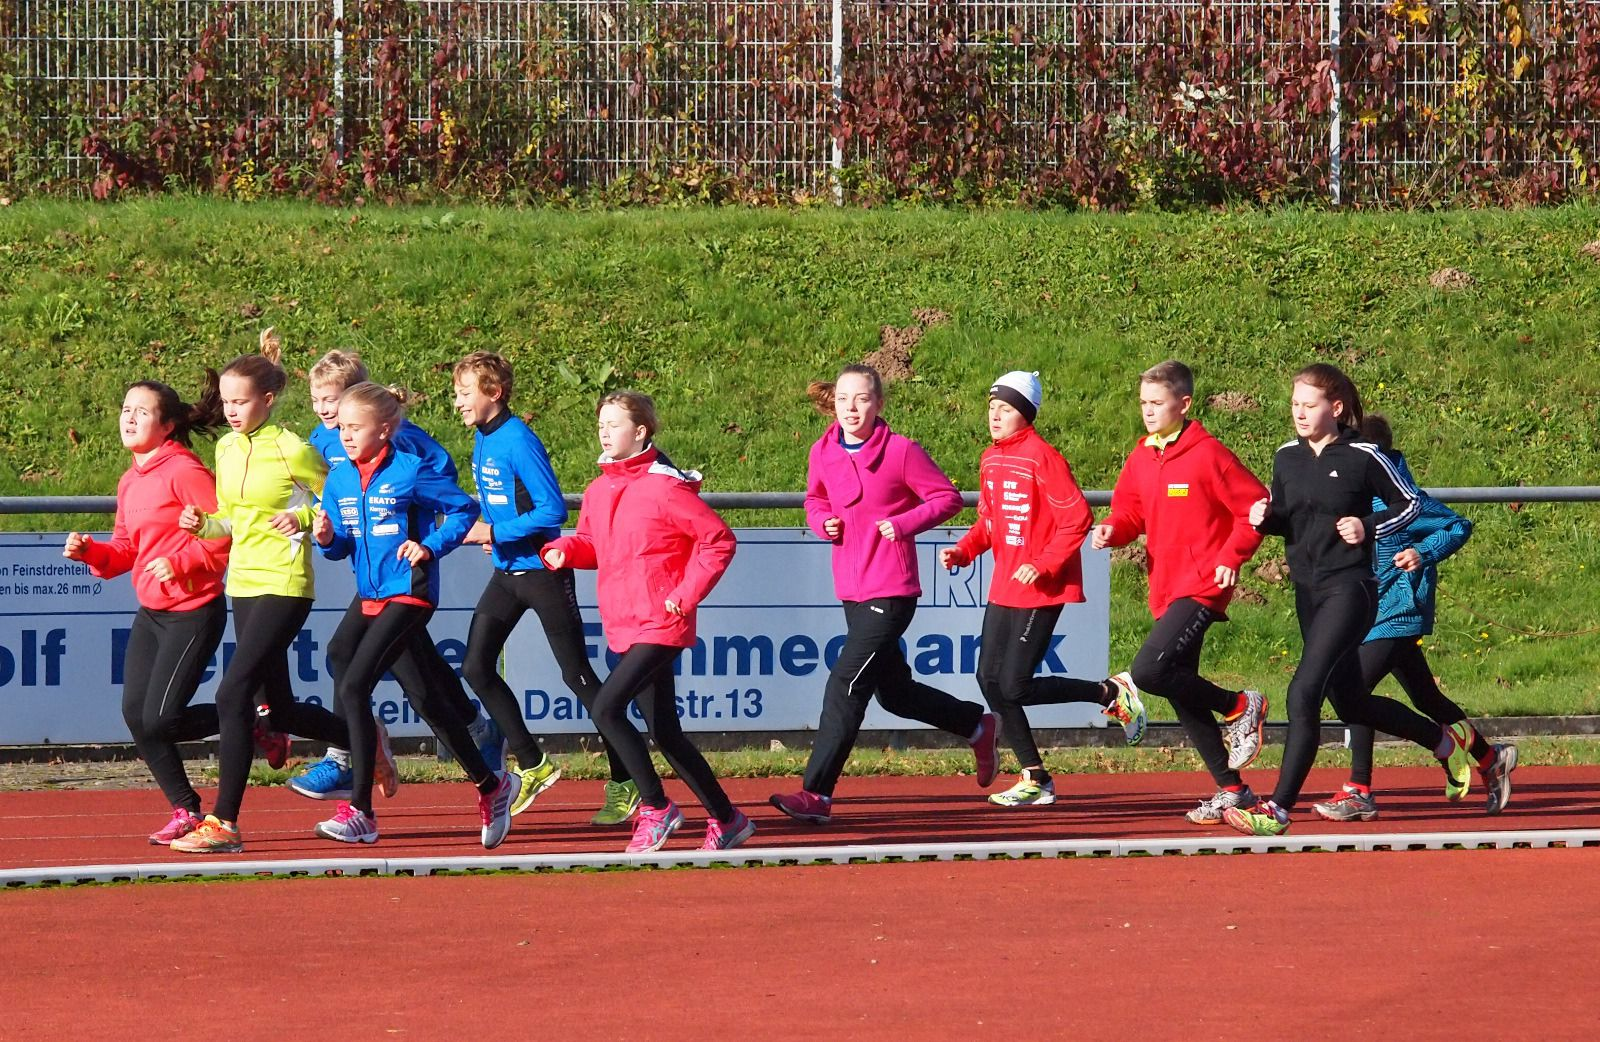 Über 30 junge Athletinnen und Athleten nahmen an der Vereinssichtung teil, hier die Gruppe in Langenau beim Warmlaufen. (Foto: Klemm)